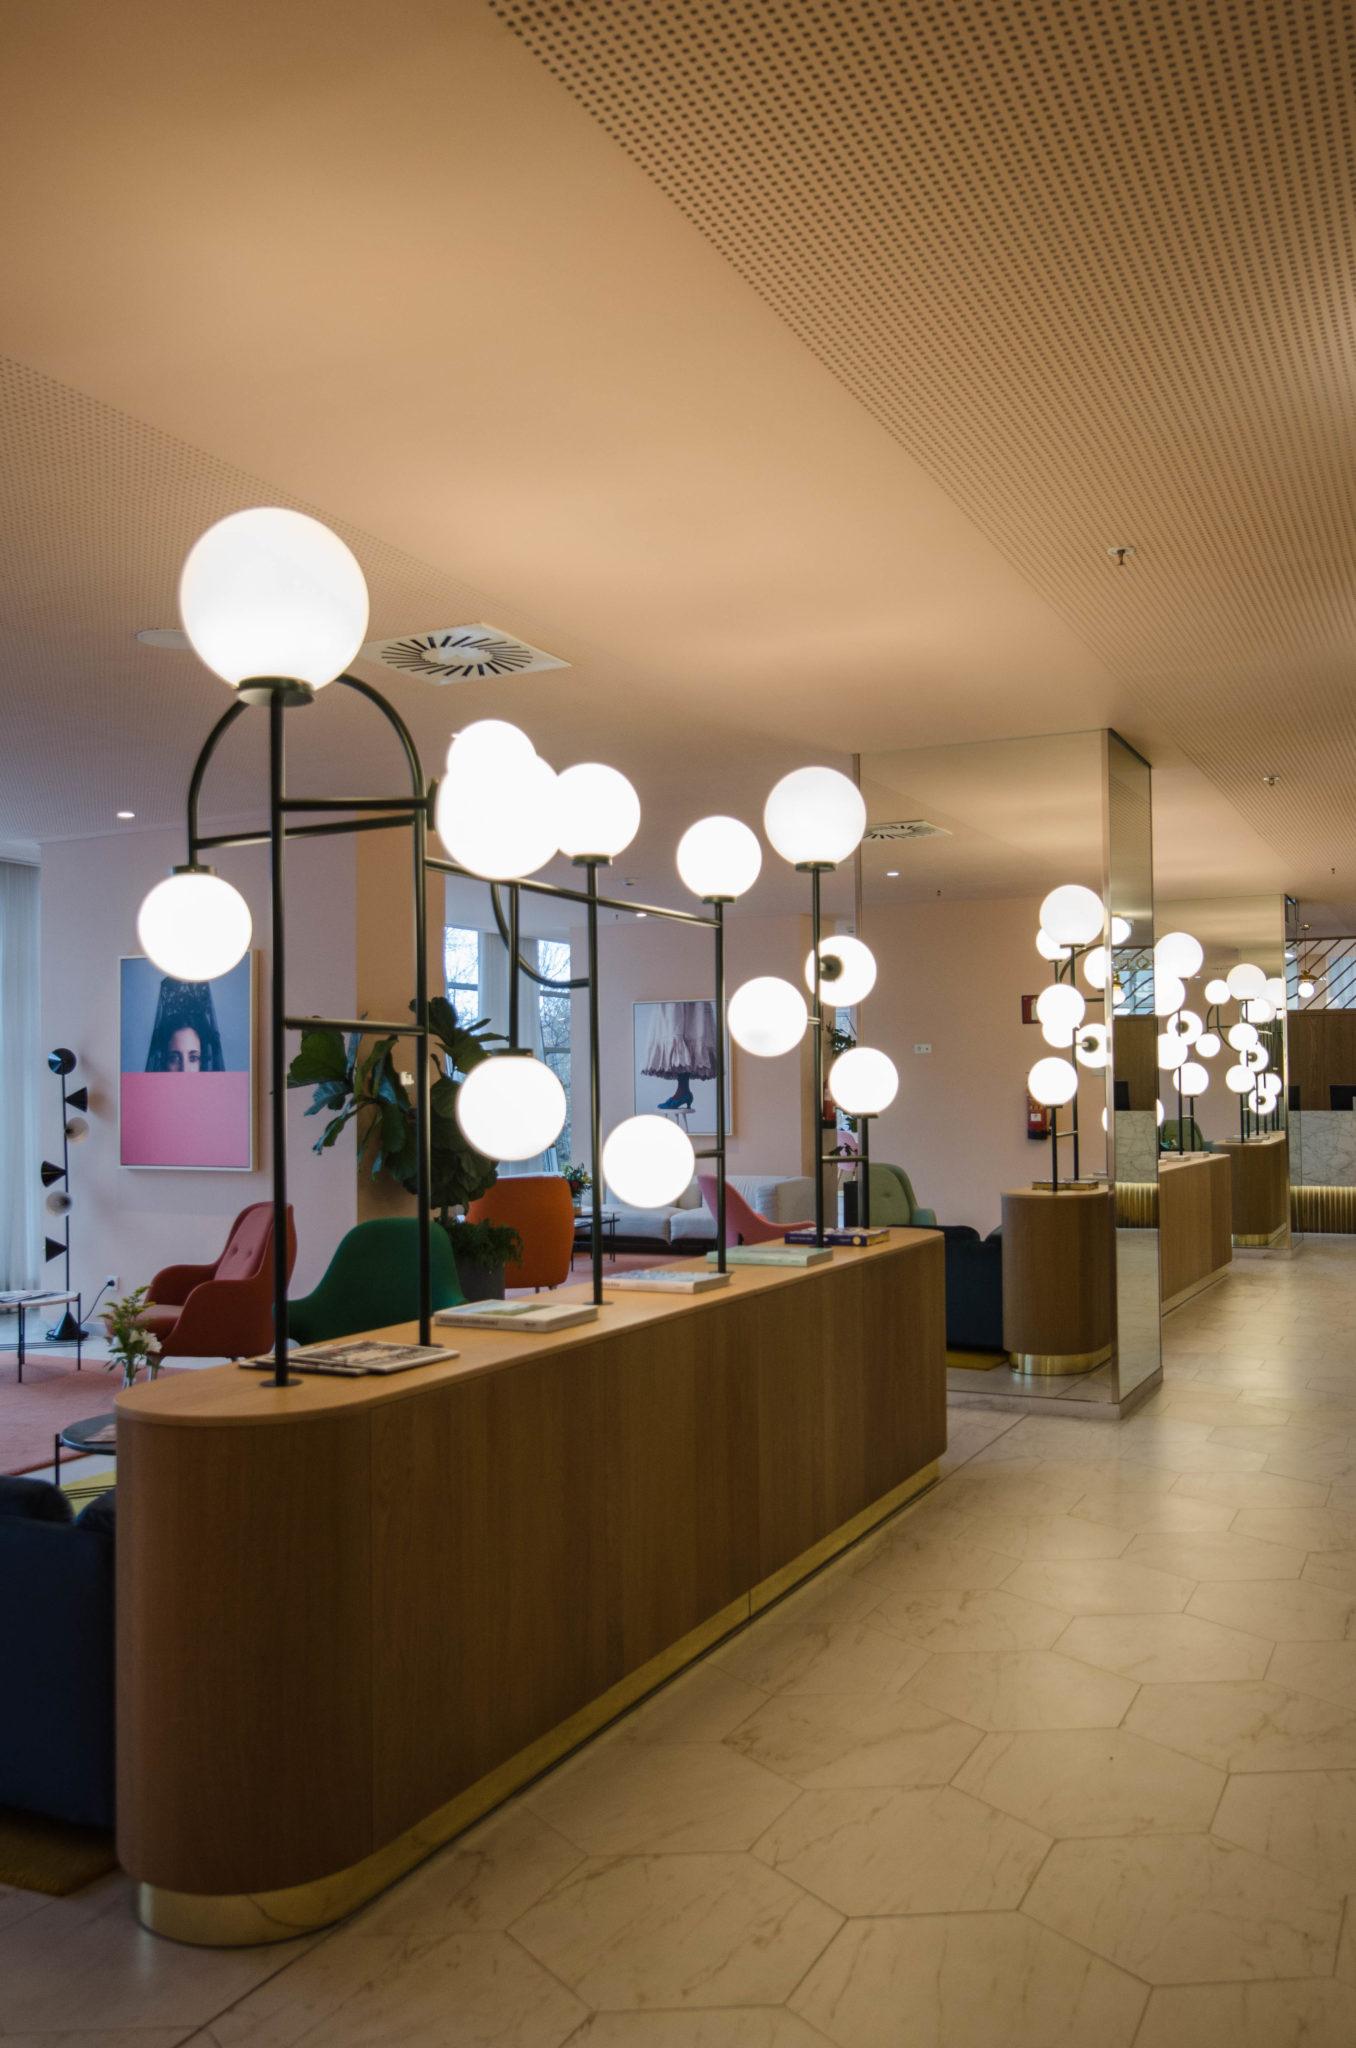 Barcelo Torre de Madrid Review: Lobby